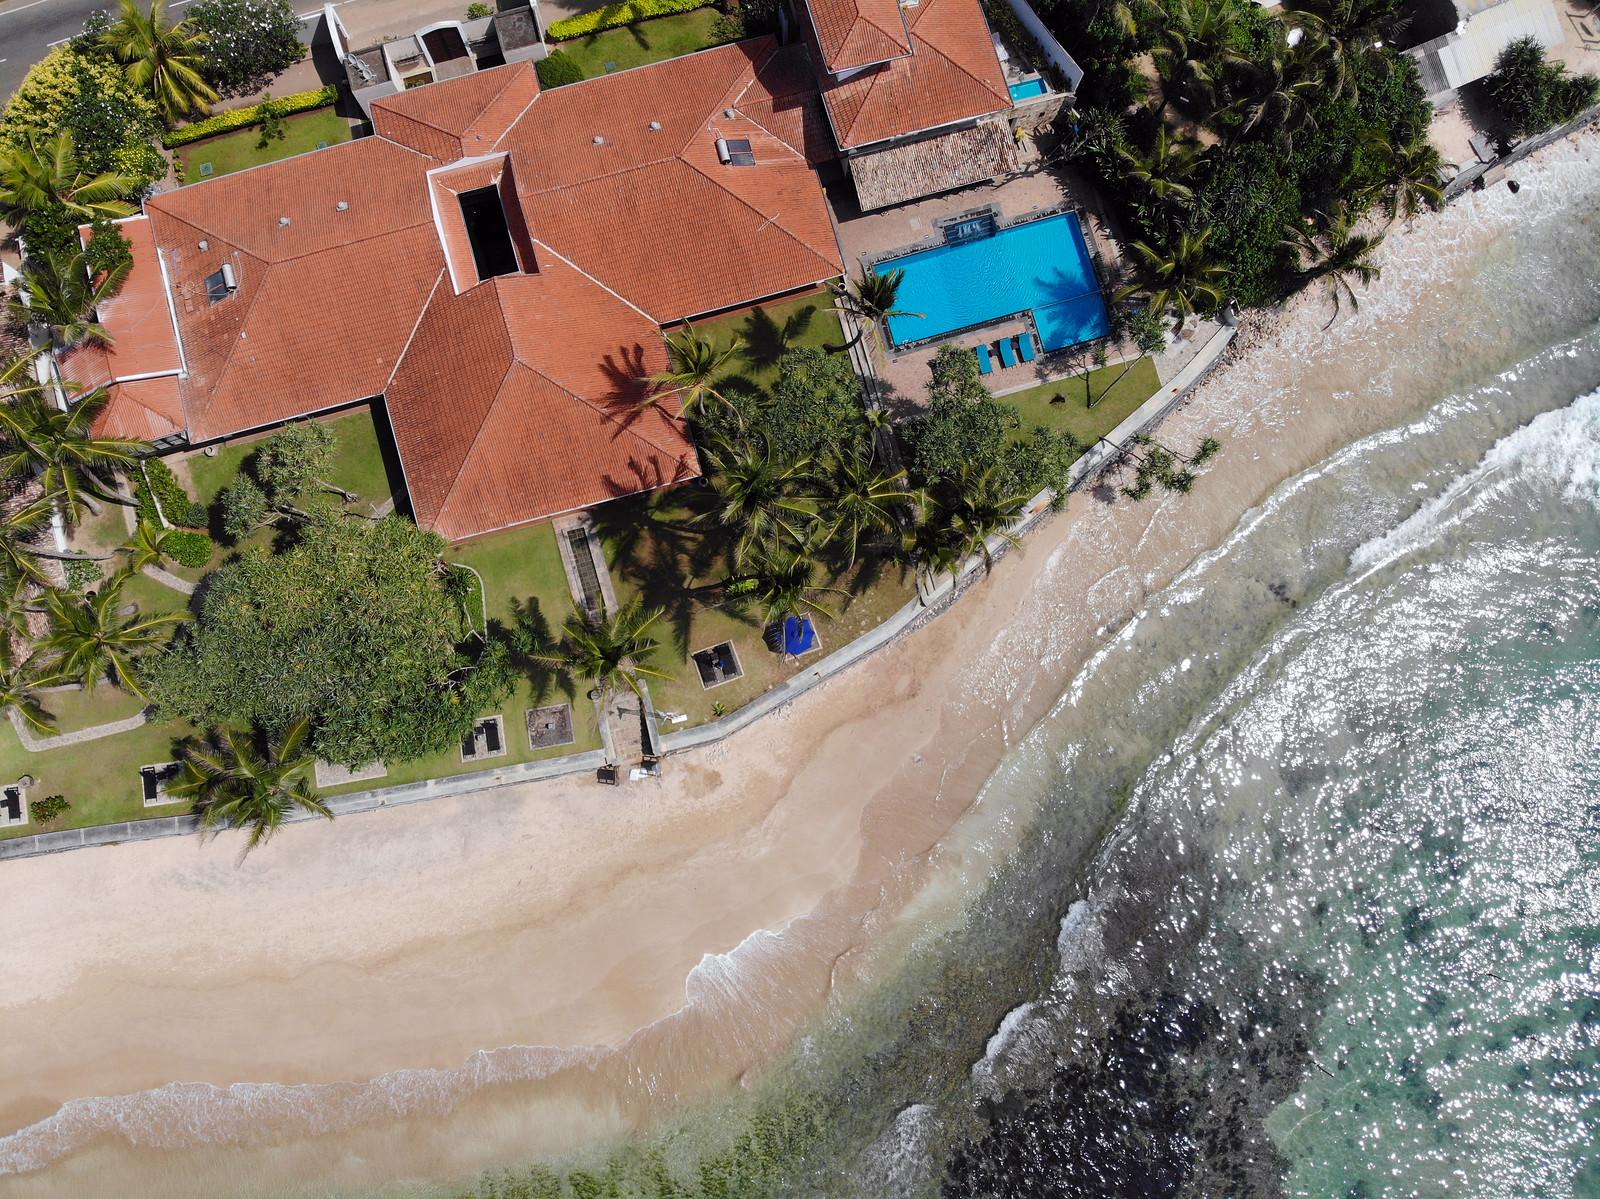 Qué hacer en Unawatuna, Sri Lanka qué hacer en unawatuna - 47083345482 4eecef9cf6 h - Qué hacer en Unawatuna, el paraíso de Sri Lanka